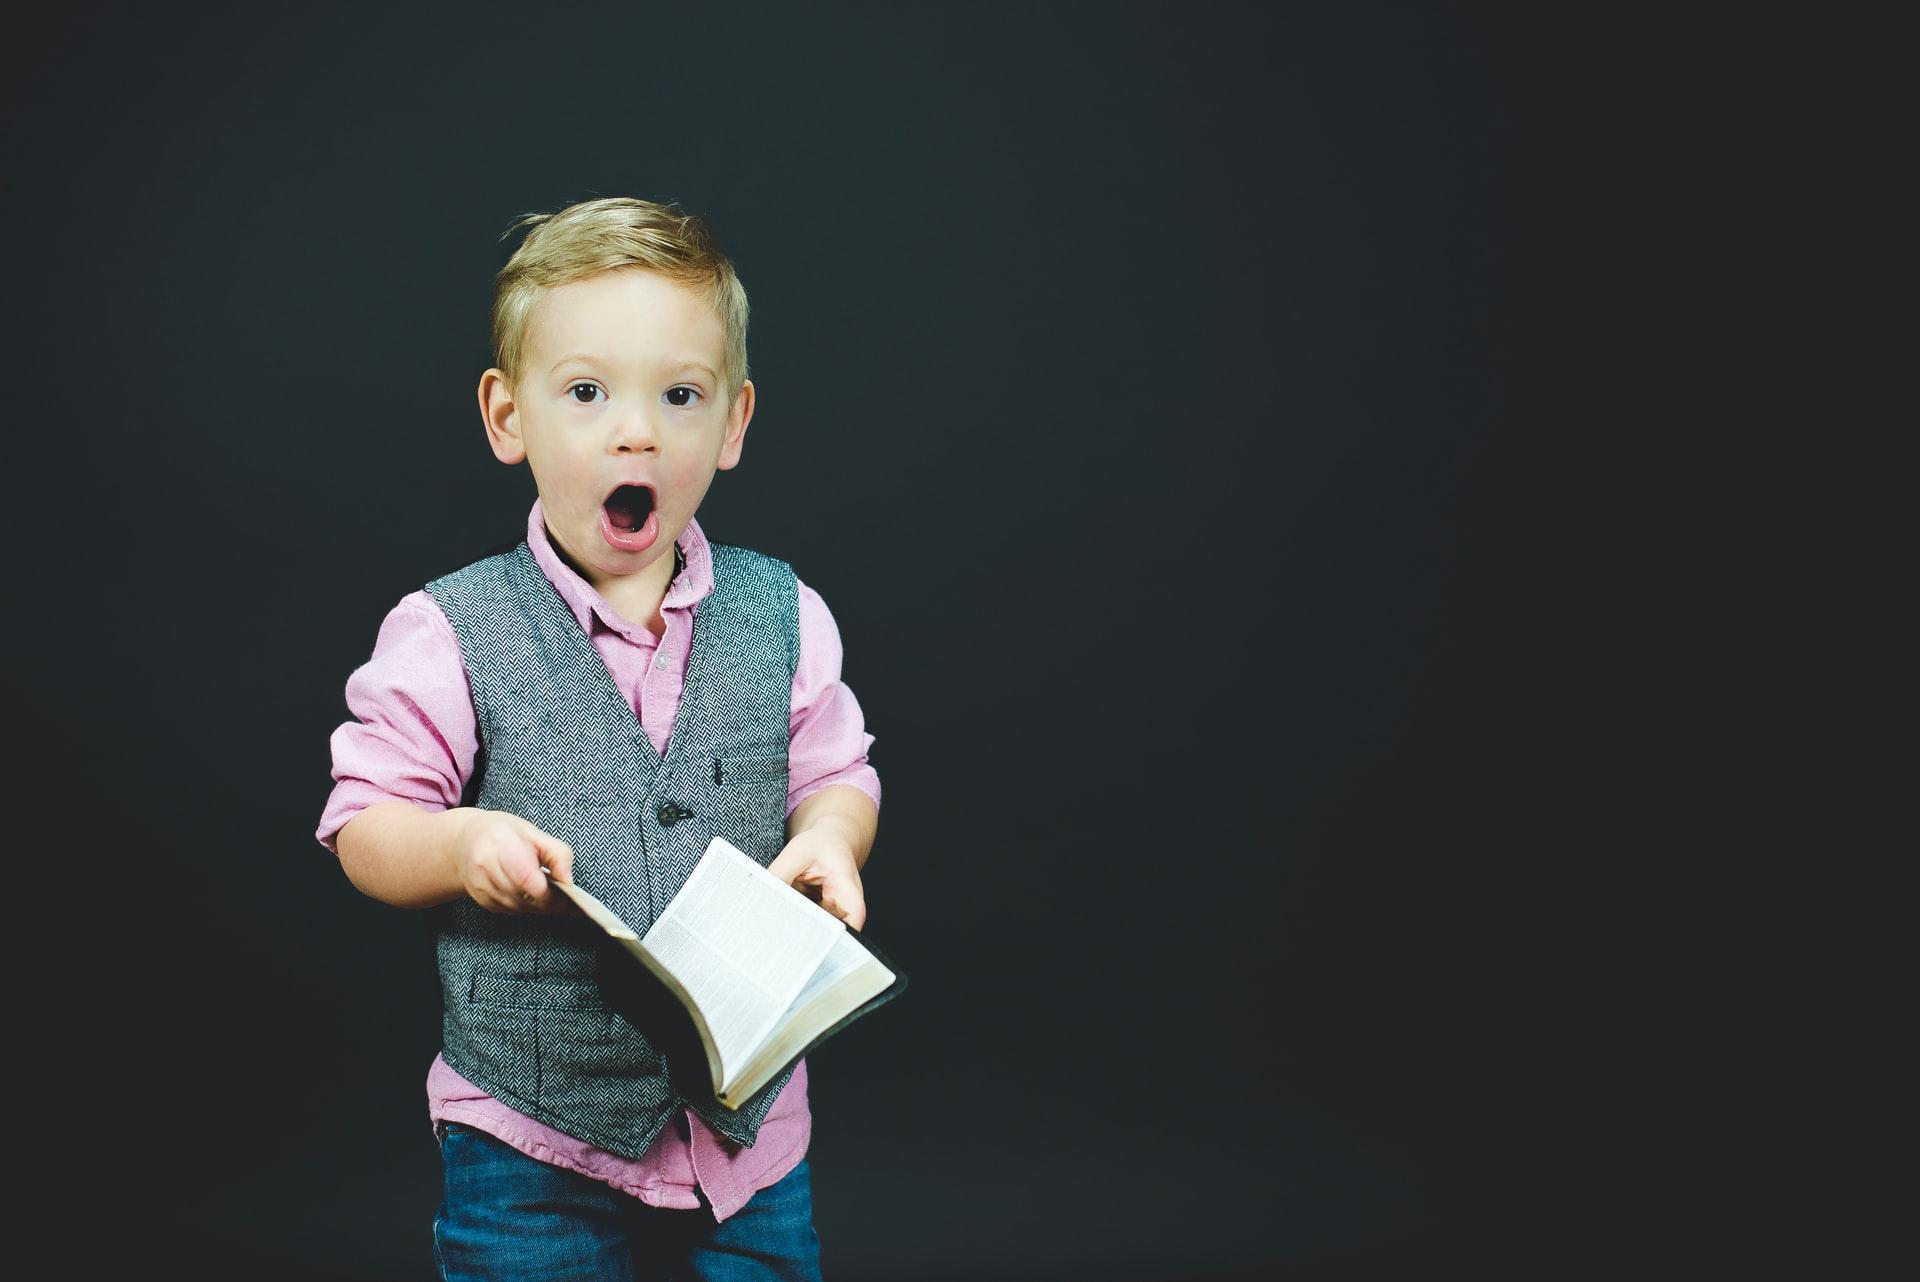 「英文の音読の効果!英会話の向上には音読が最適な理由を解説」のアイキャッチ画像